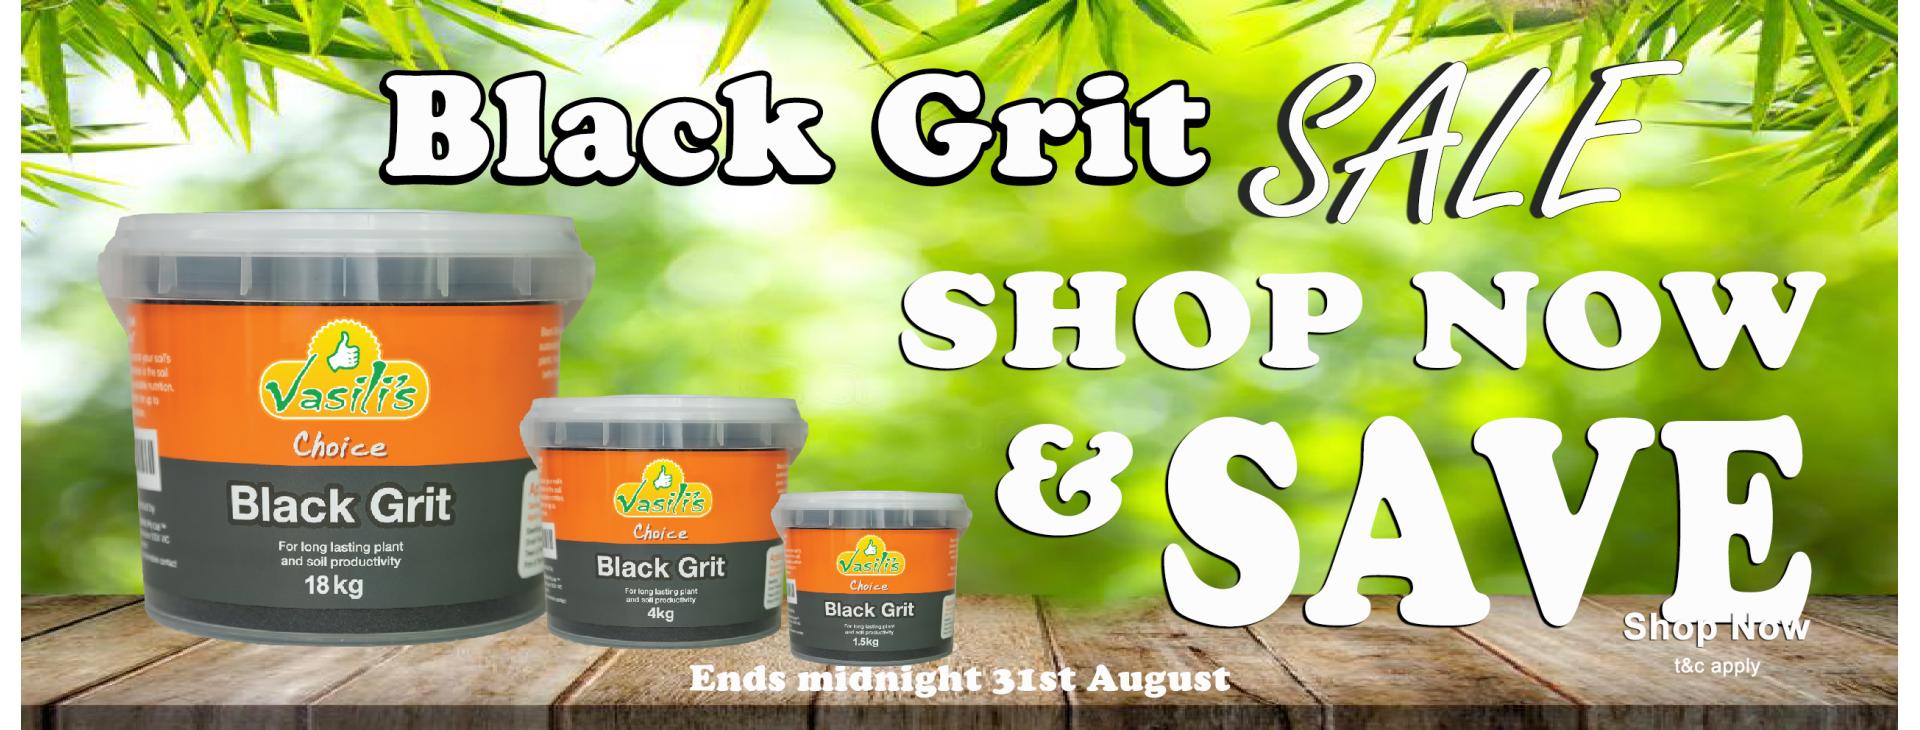 Black Grit